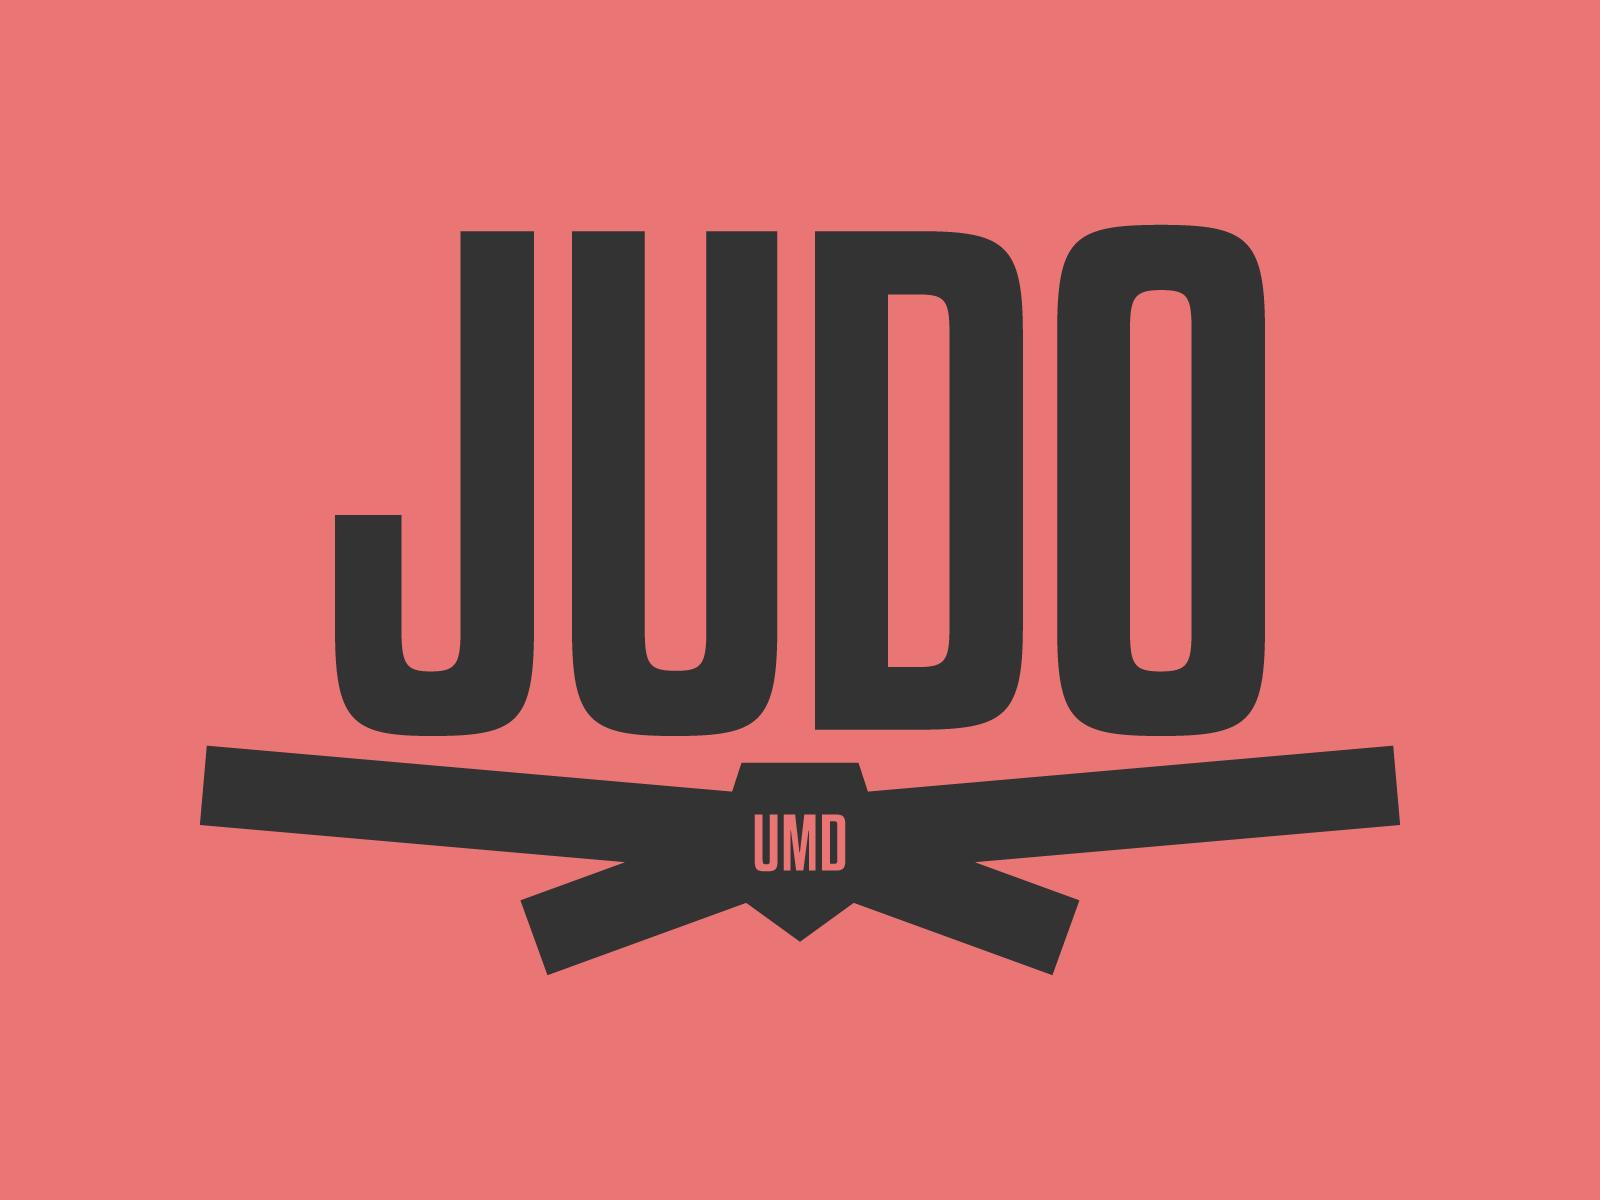 Judo Wallpapers 1600x1200